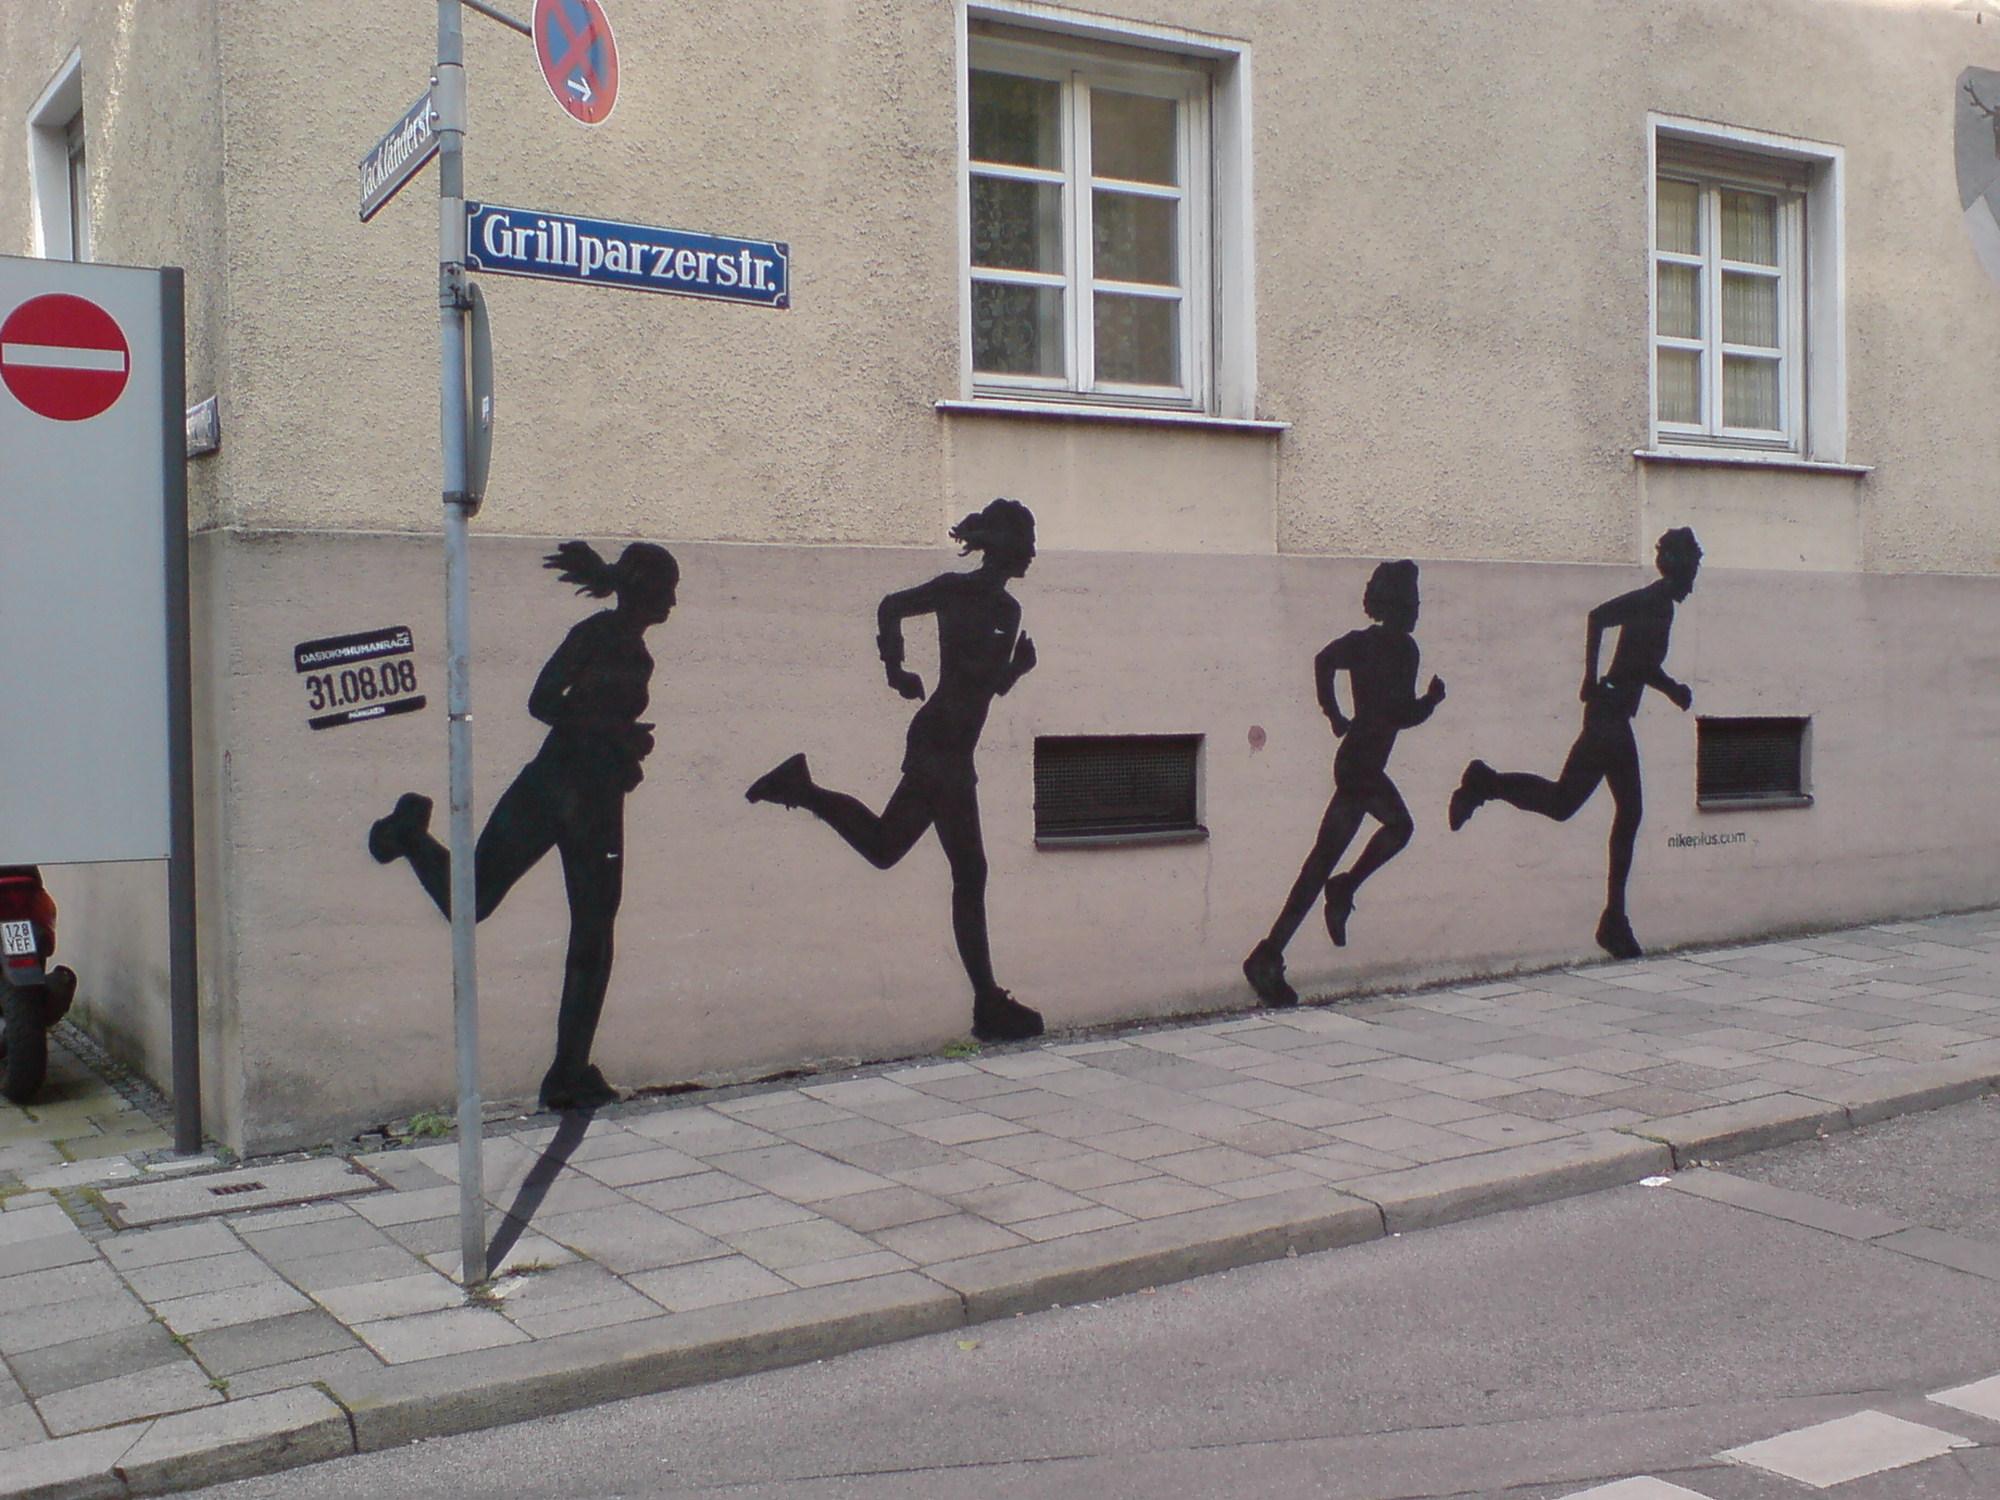 Grillparzerstraße 30